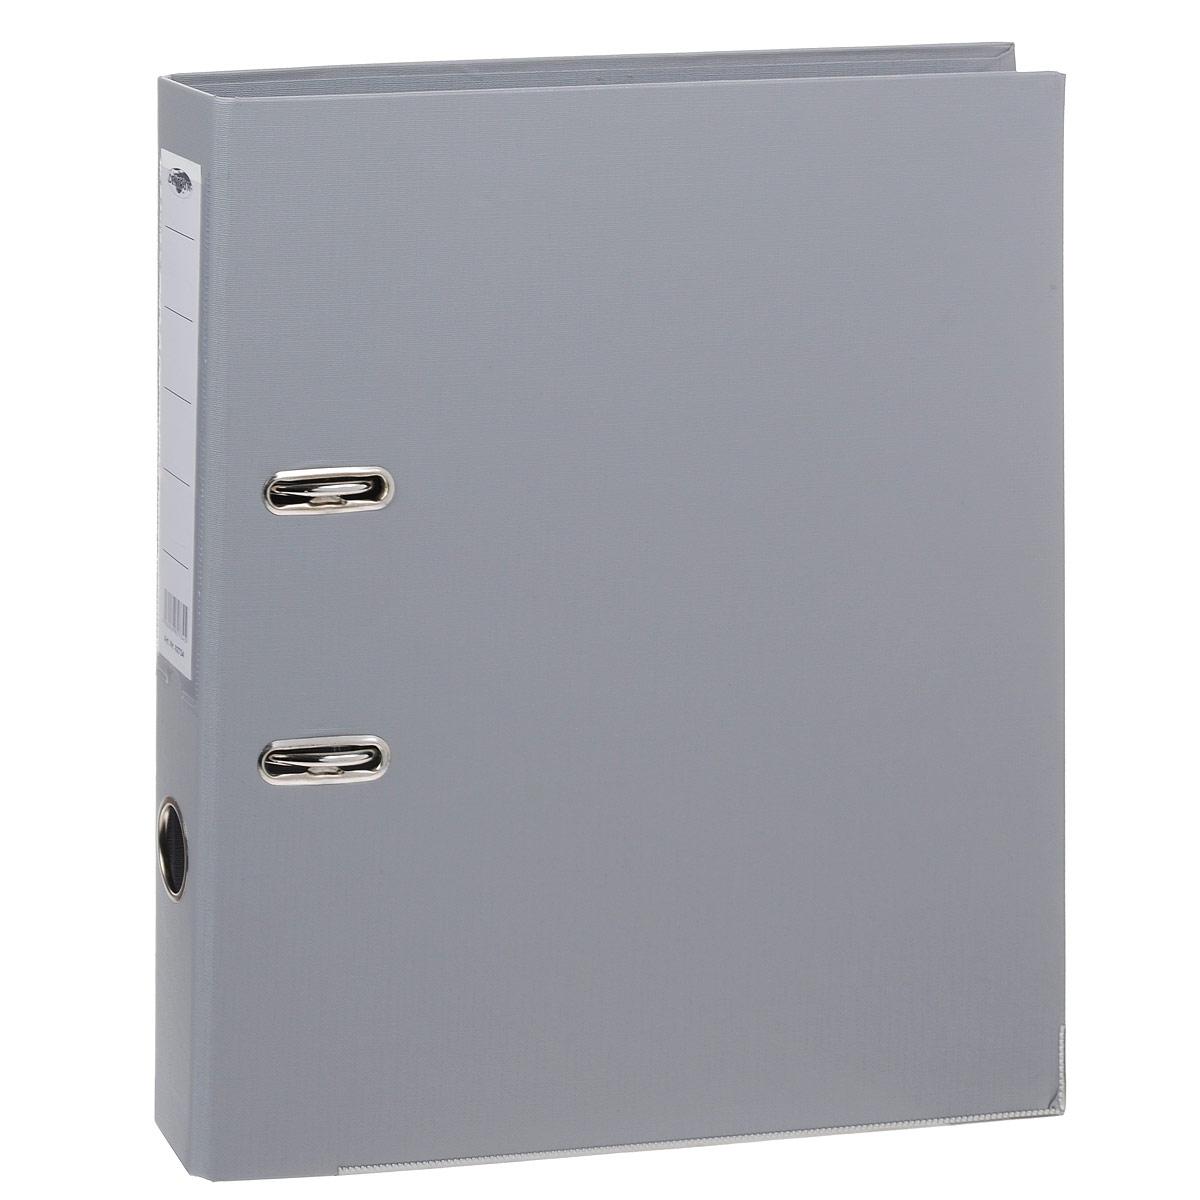 Папка-регистратор Centrum, ширина корешка 50 мм, цвет: серый82734Папка-регистратор Centrum пригодится в каждом офисе и доме для хранения больших объемов документов. Внешняя сторона папки выполнена из плотного картона с двусторонним ПВХ-покрытием, что обеспечивает устойчивость к влаге и износу. Нижняя кромка папки защищена от истирания металлической окантовкой.Папка-регистратор оснащена надежным арочным механизмом крепления бумаги. Круглое отверстие в корешке папки облегчит ее извлечение с полки, а прозрачный карман со съемной этикеткой позволяет маркировать содержимое. Ширина корешка 5 см.